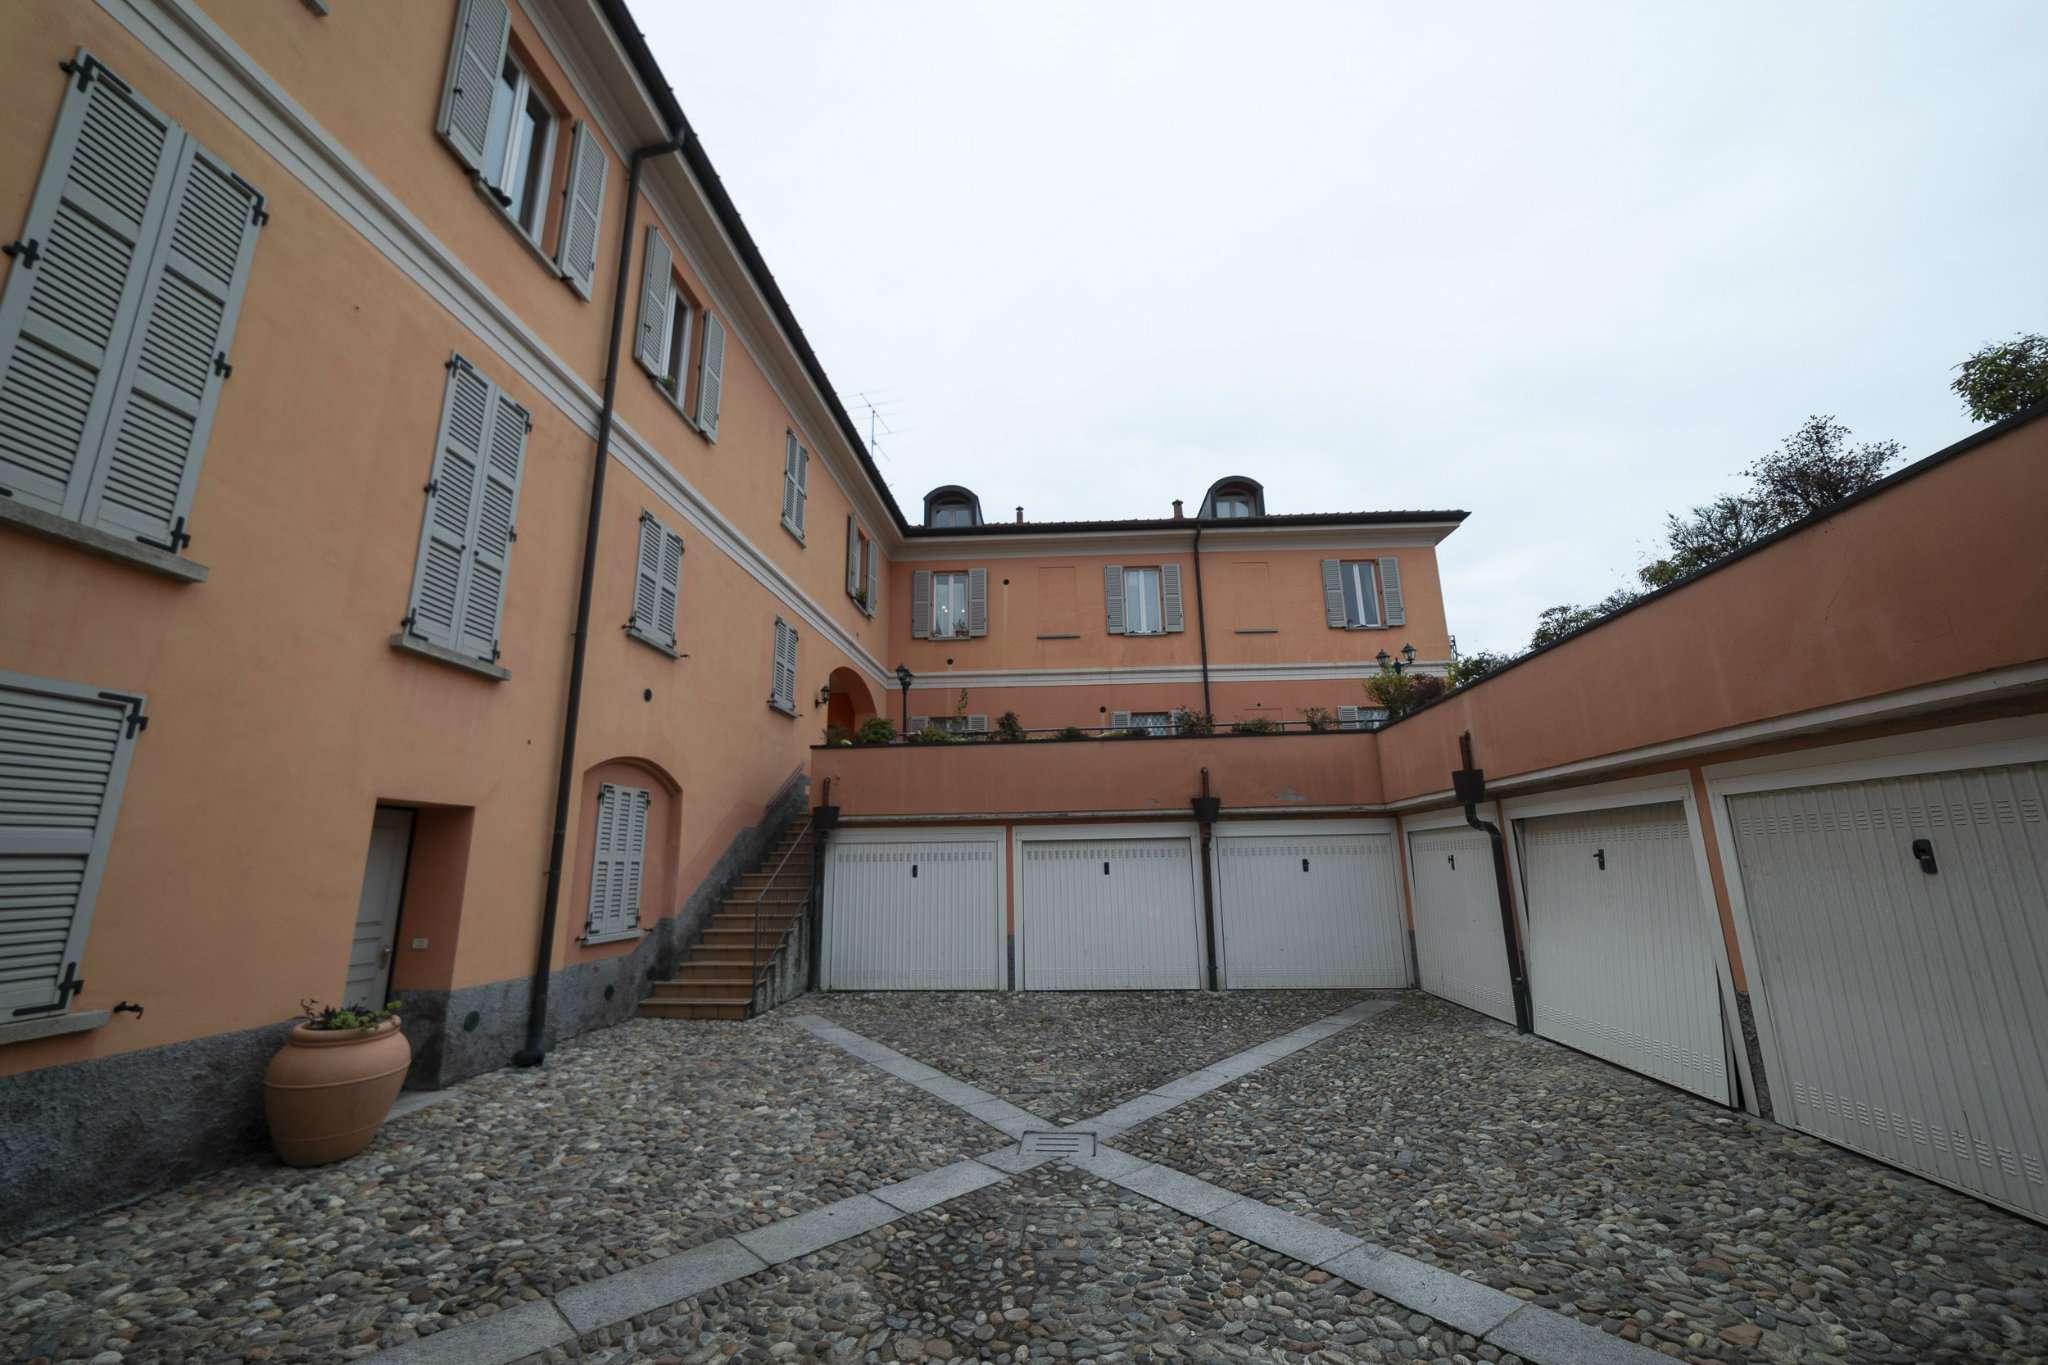 Appartamento in vendita a Cocquio-Trevisago, 4 locali, prezzo € 300.000 | PortaleAgenzieImmobiliari.it